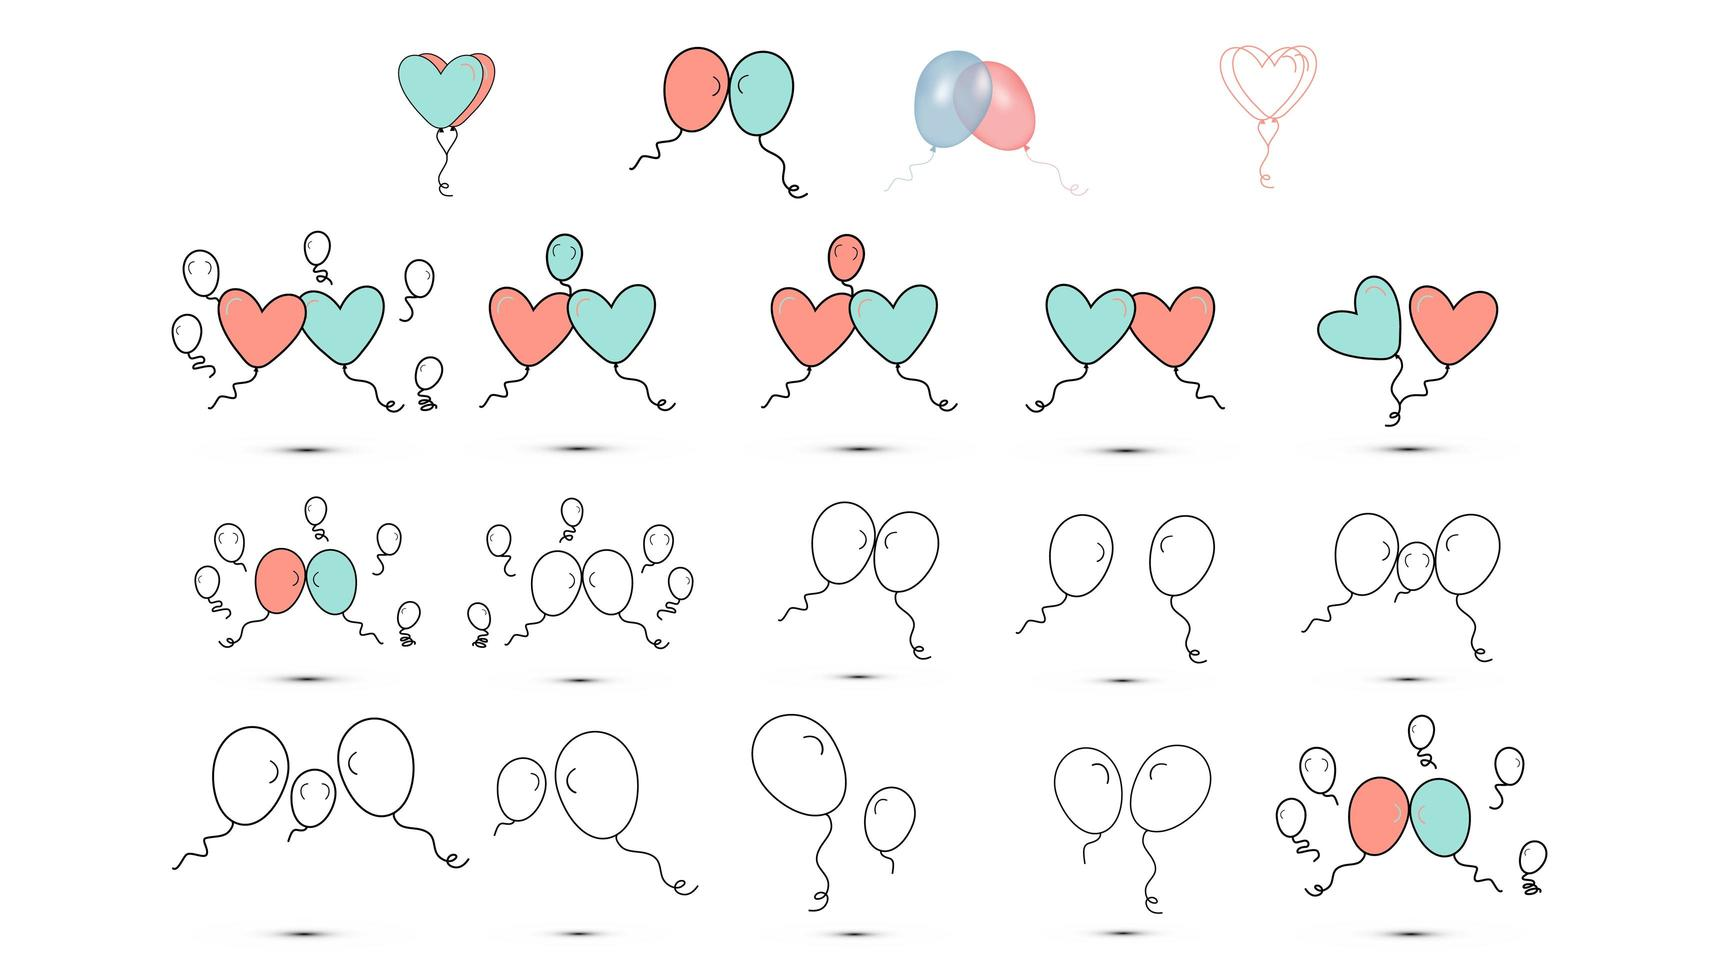 enkla platta stilikoner av ballonger för kärleksfesten på alla hjärtans dag eller 8 mars. vektor